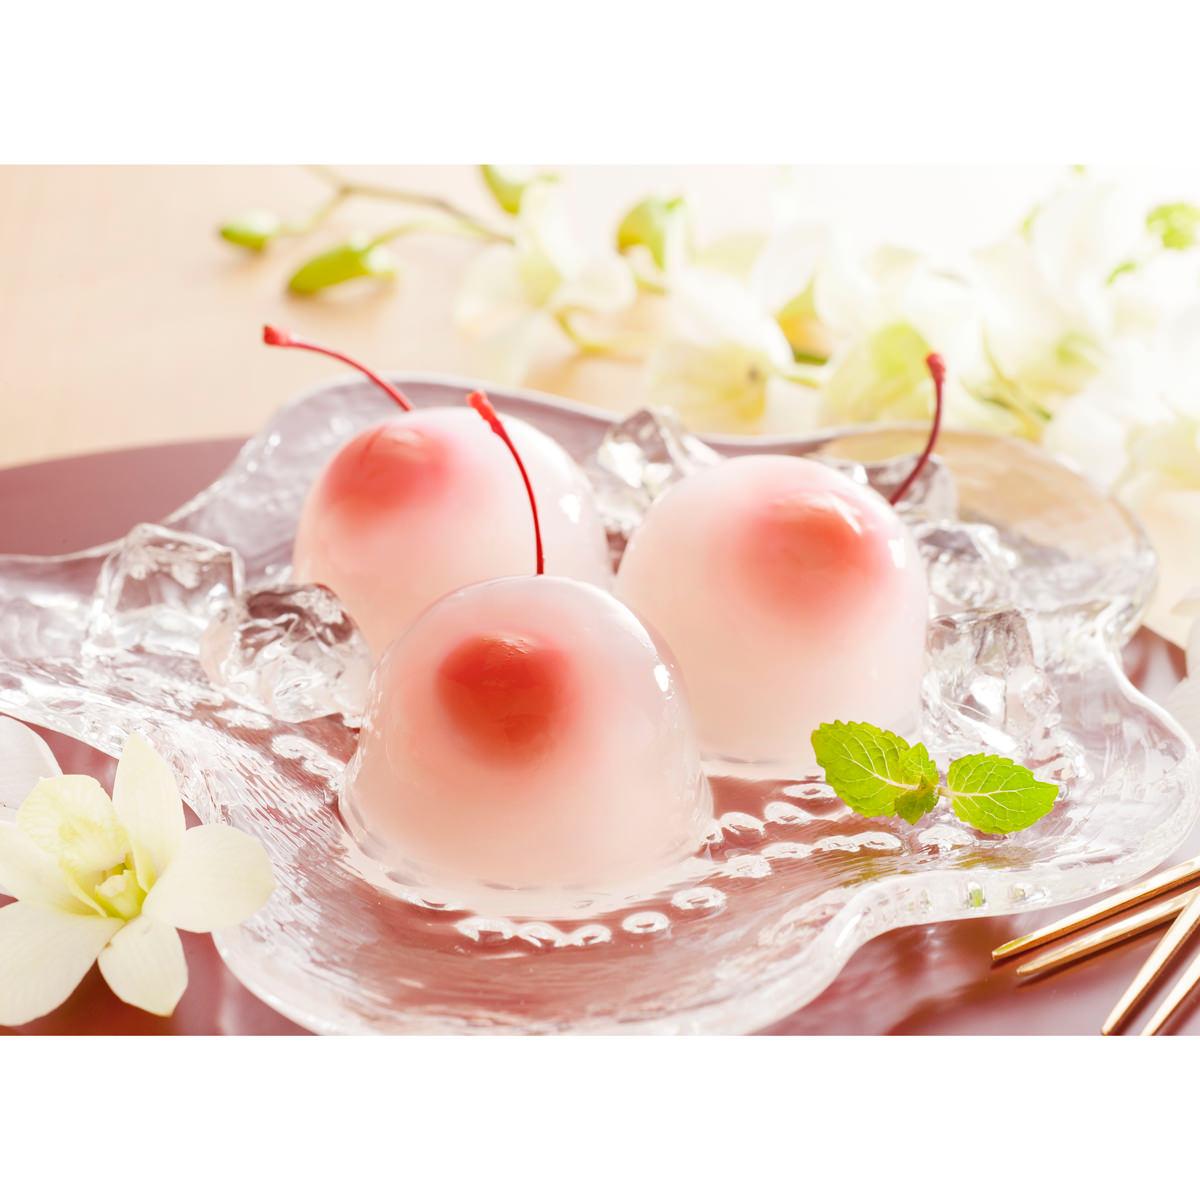 母の日 京都 養老軒 さくらんぼの水まんじゅう 〔さくらんぼの水まんじゅう62g×9 カーネーション付(造花)〕 和菓子